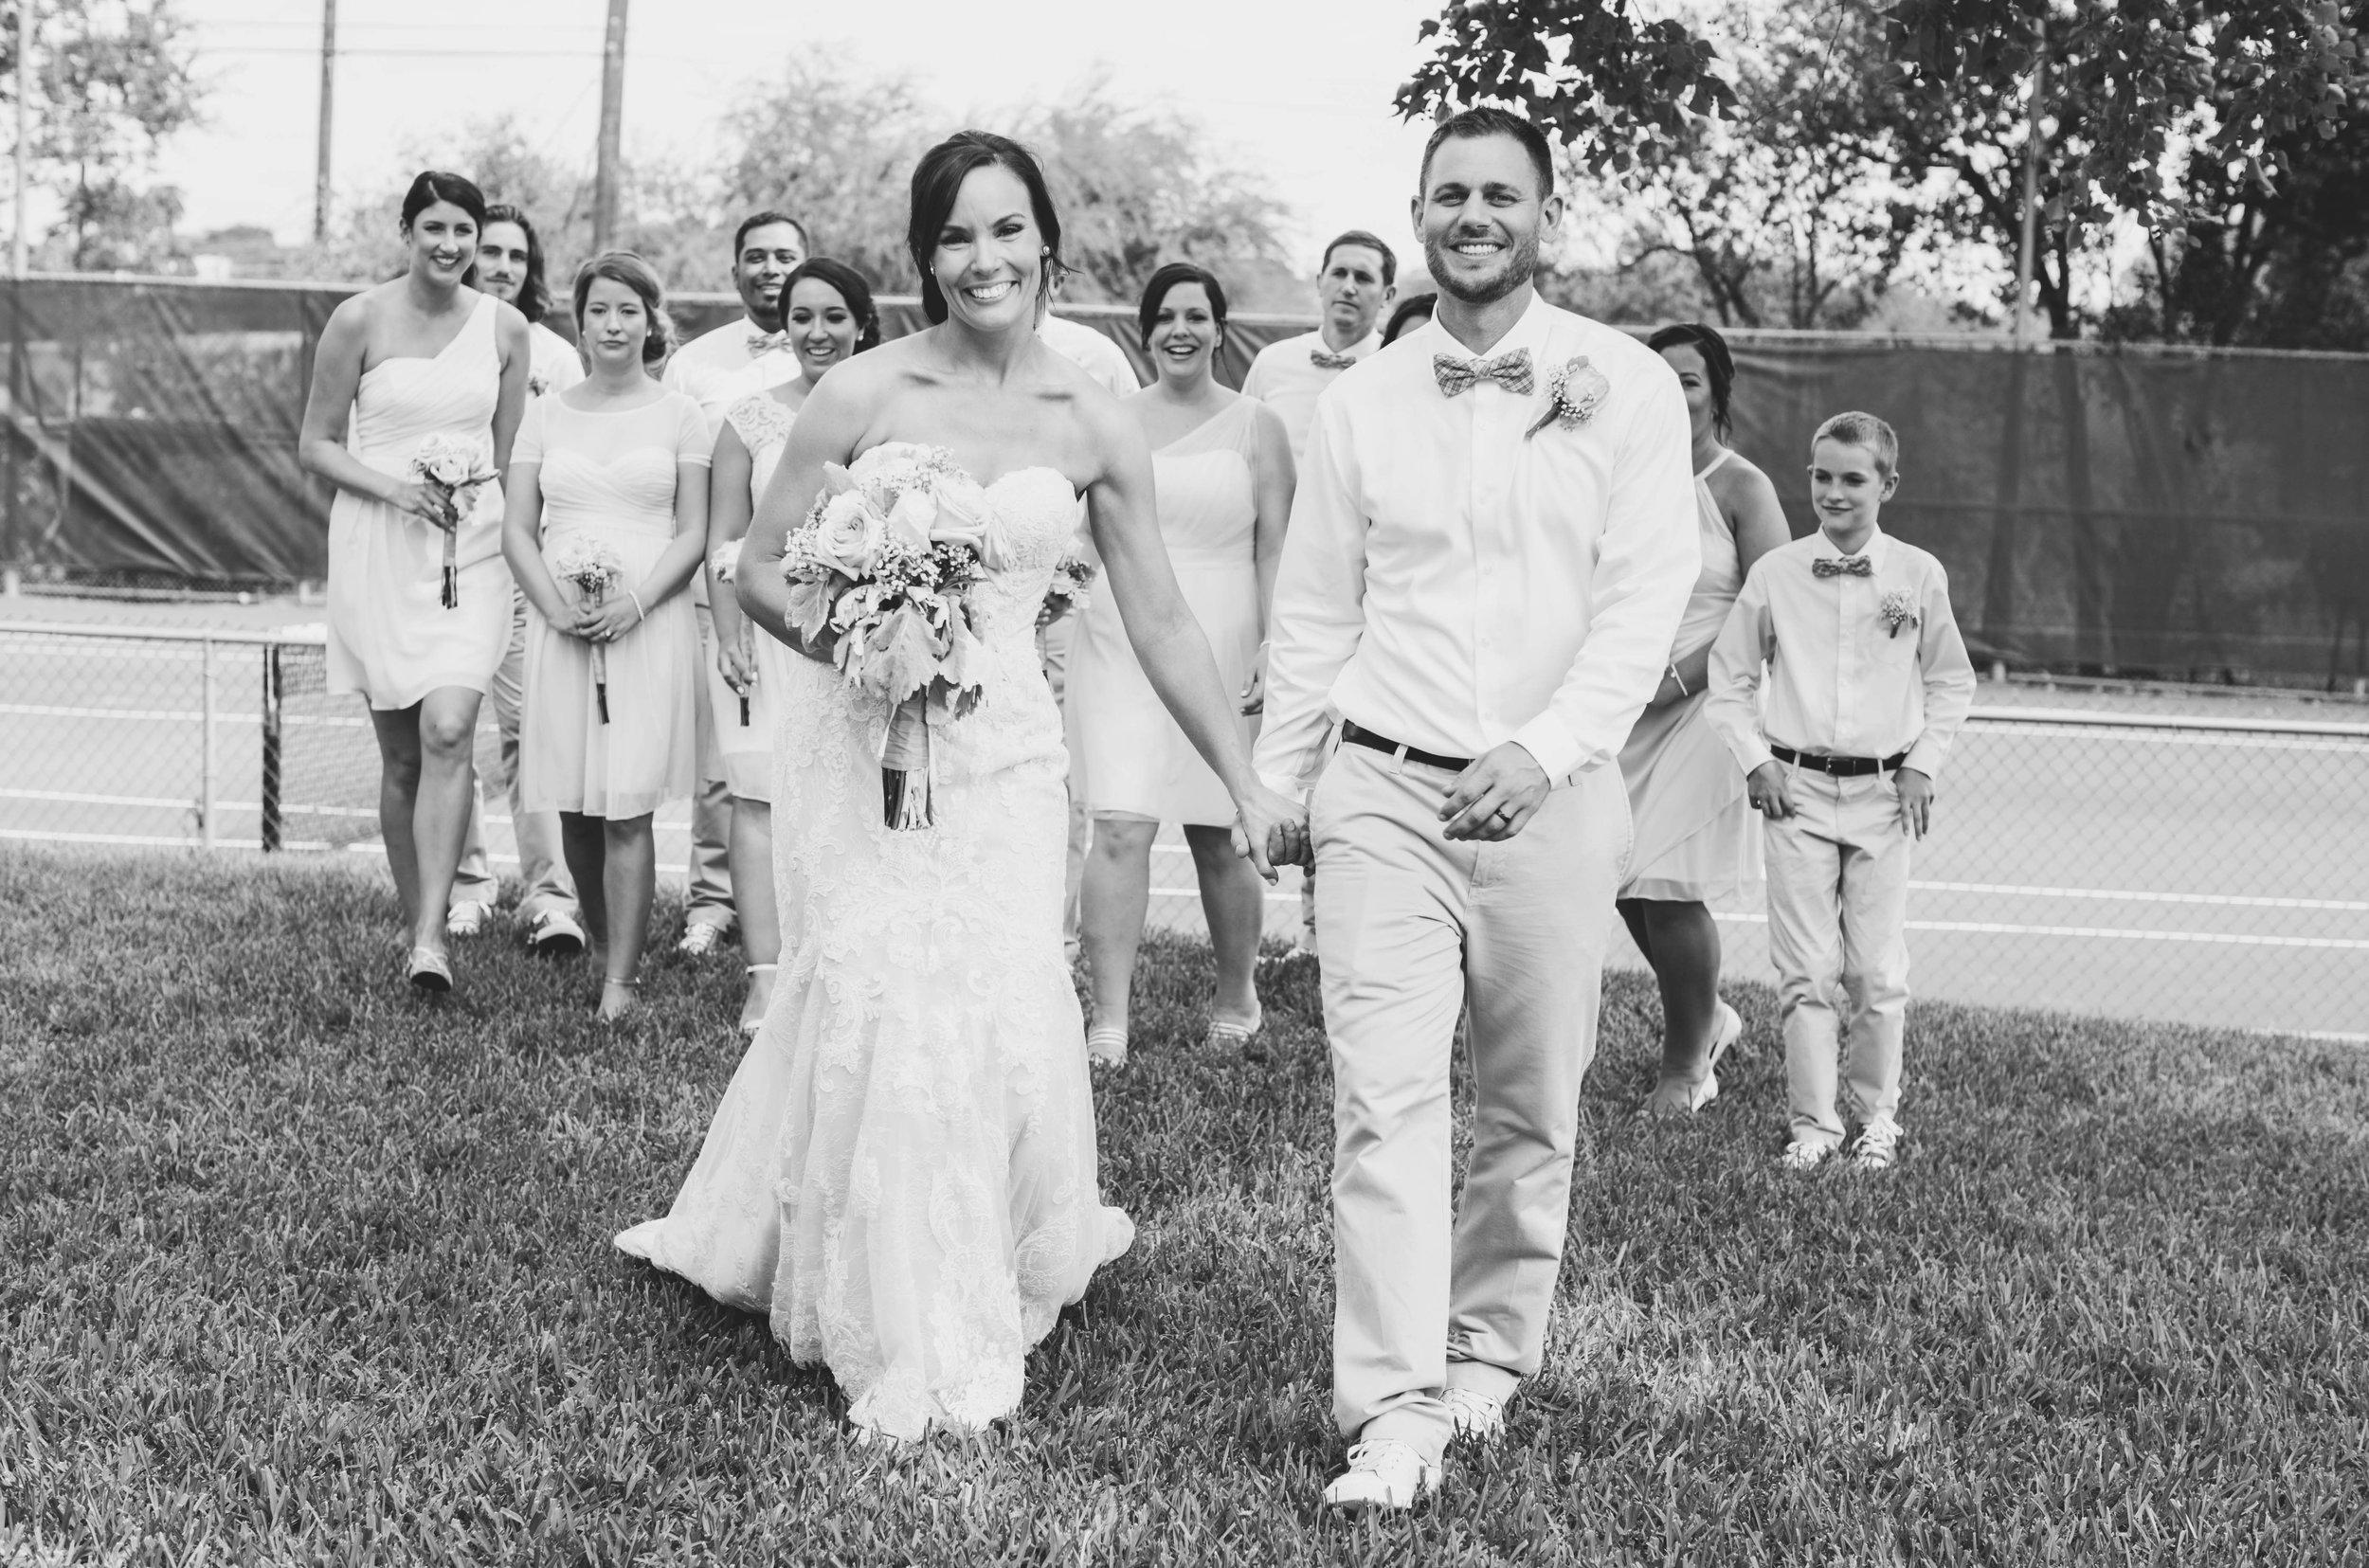 ATGI_Susanna & Matt Wedding_717A8267.jpg